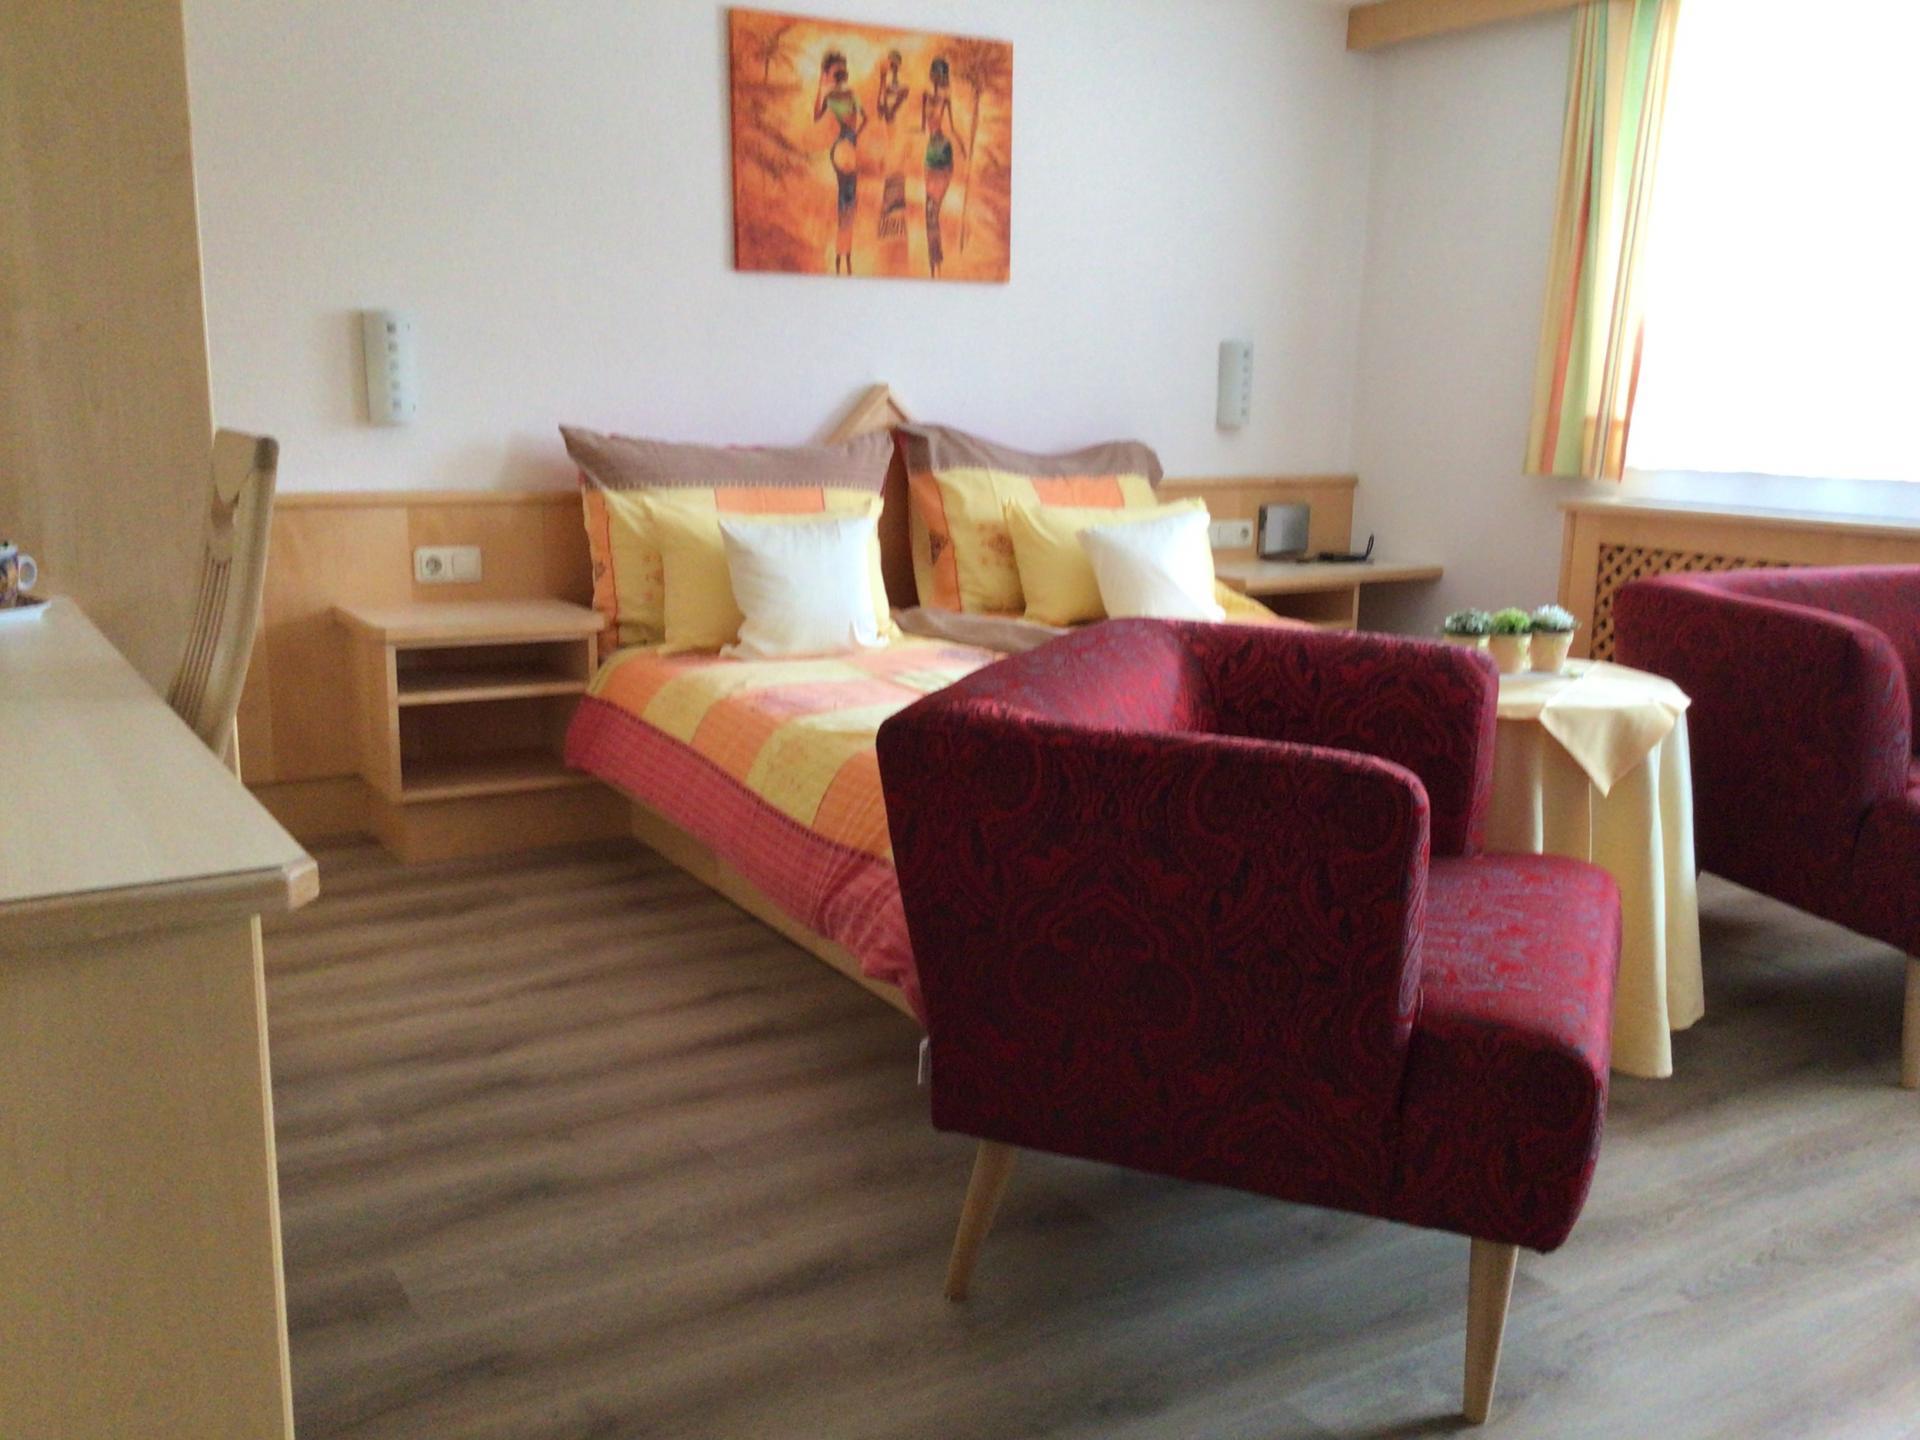 Komfort Familienzimmer #Wohneinheiten#Bildergalerie